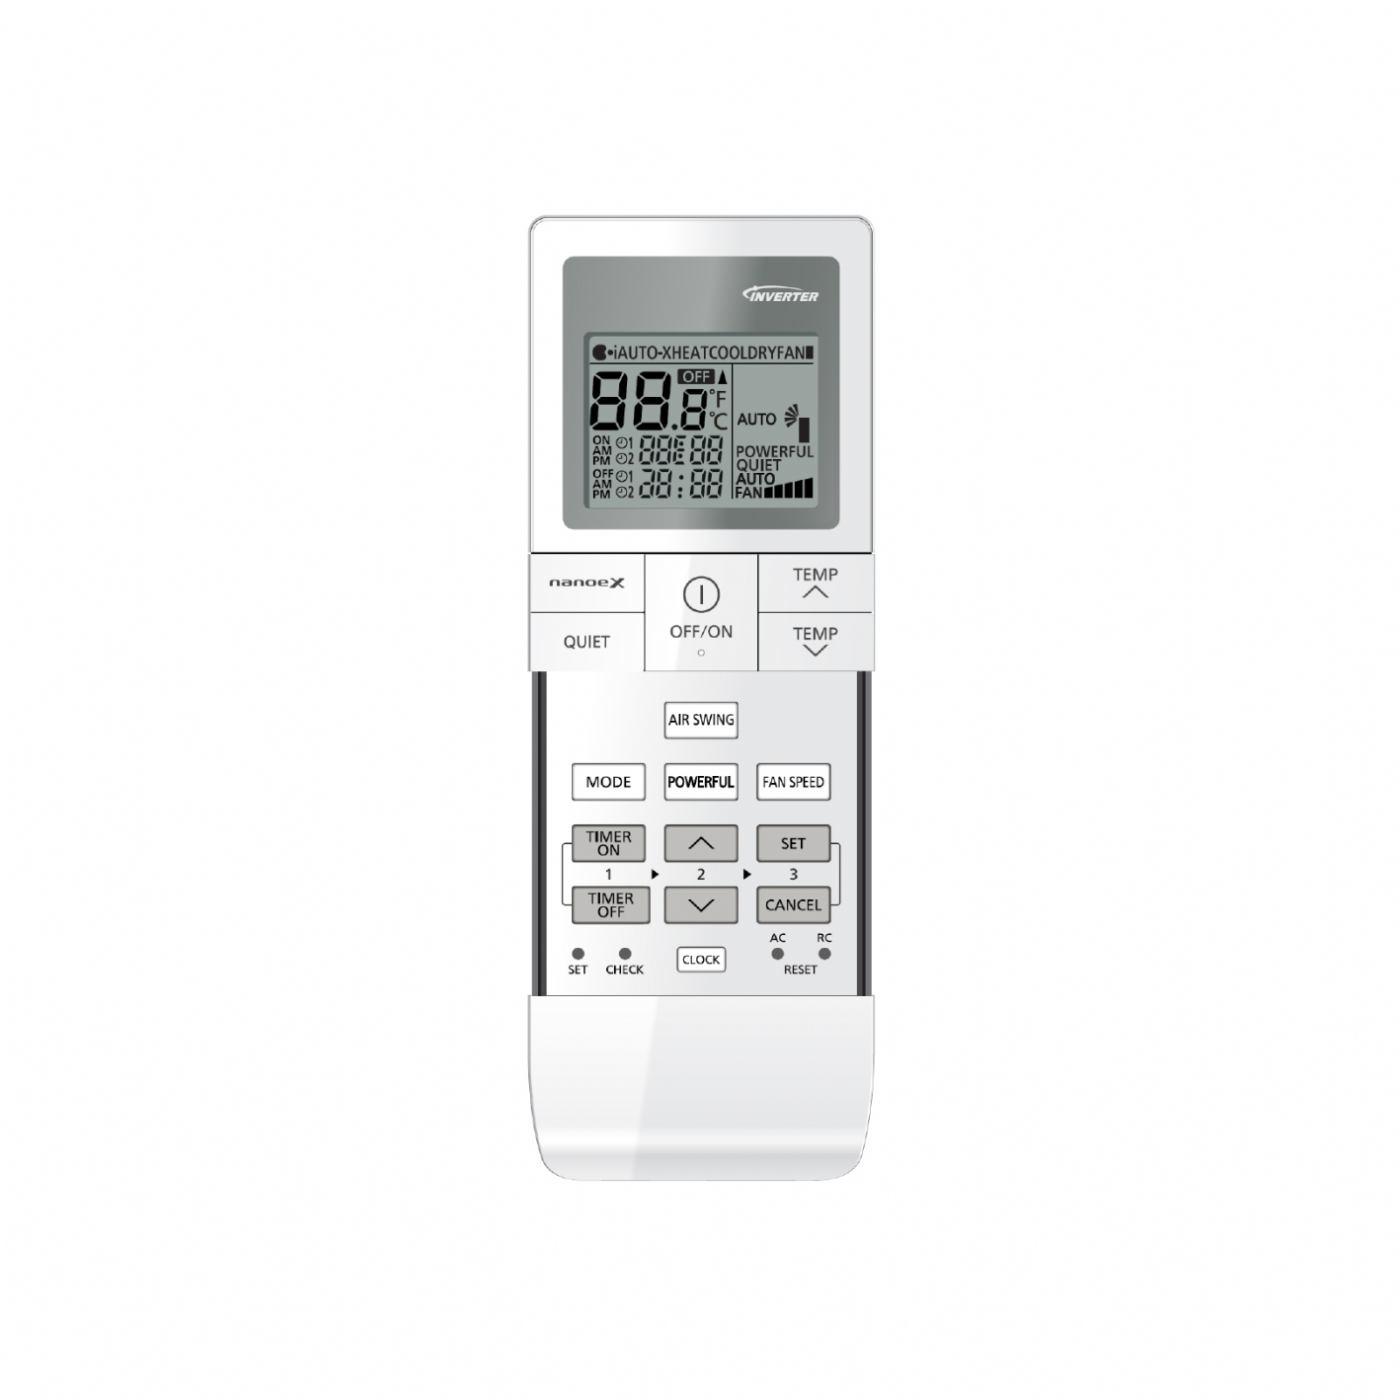 Panasonic Klima Uređaj 3 5kw Kit Z35 Ufe Podna Parapetna